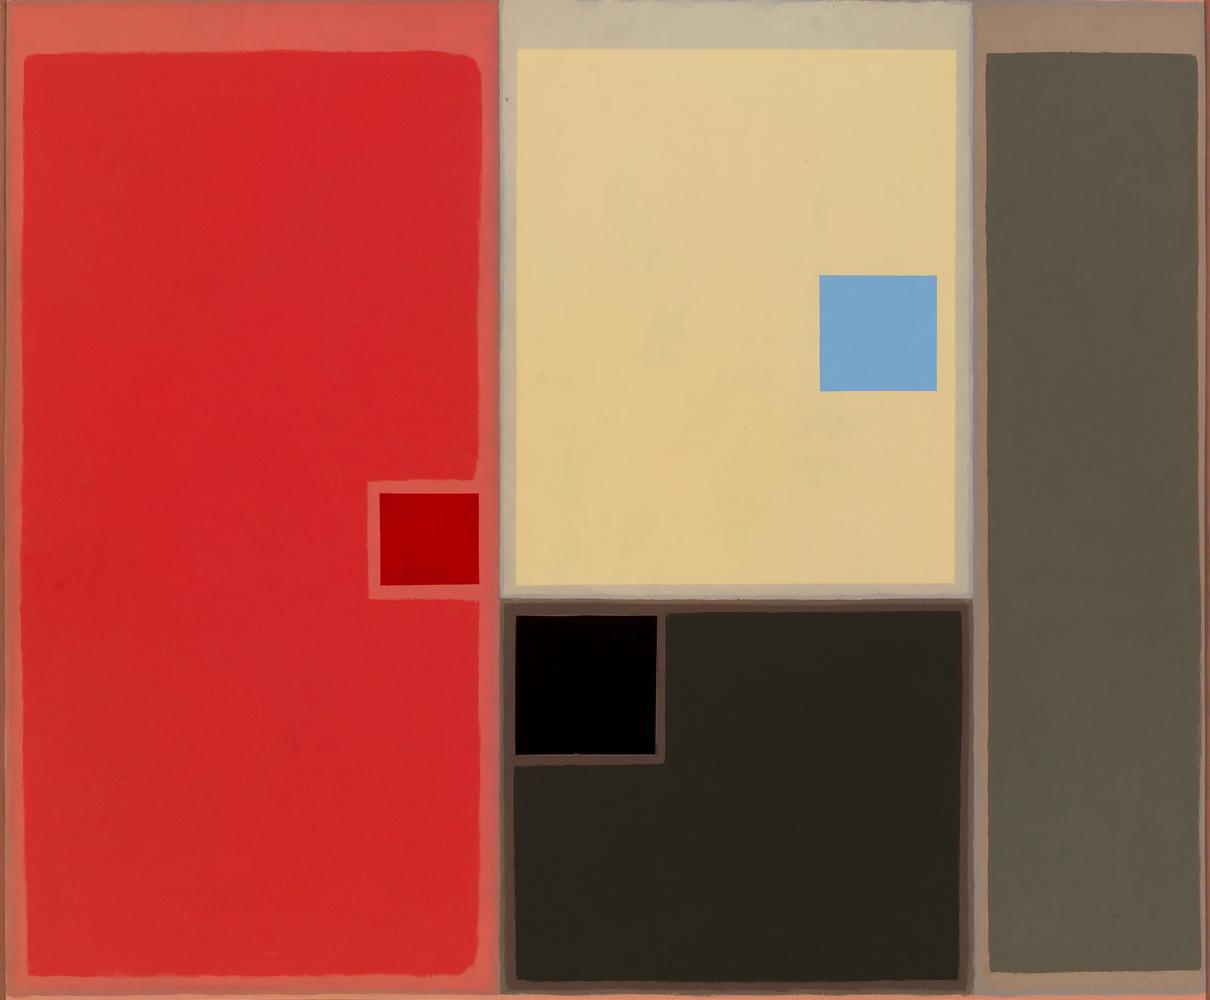 Sin título, 55 x 64 cm, óleo madera, 2007.